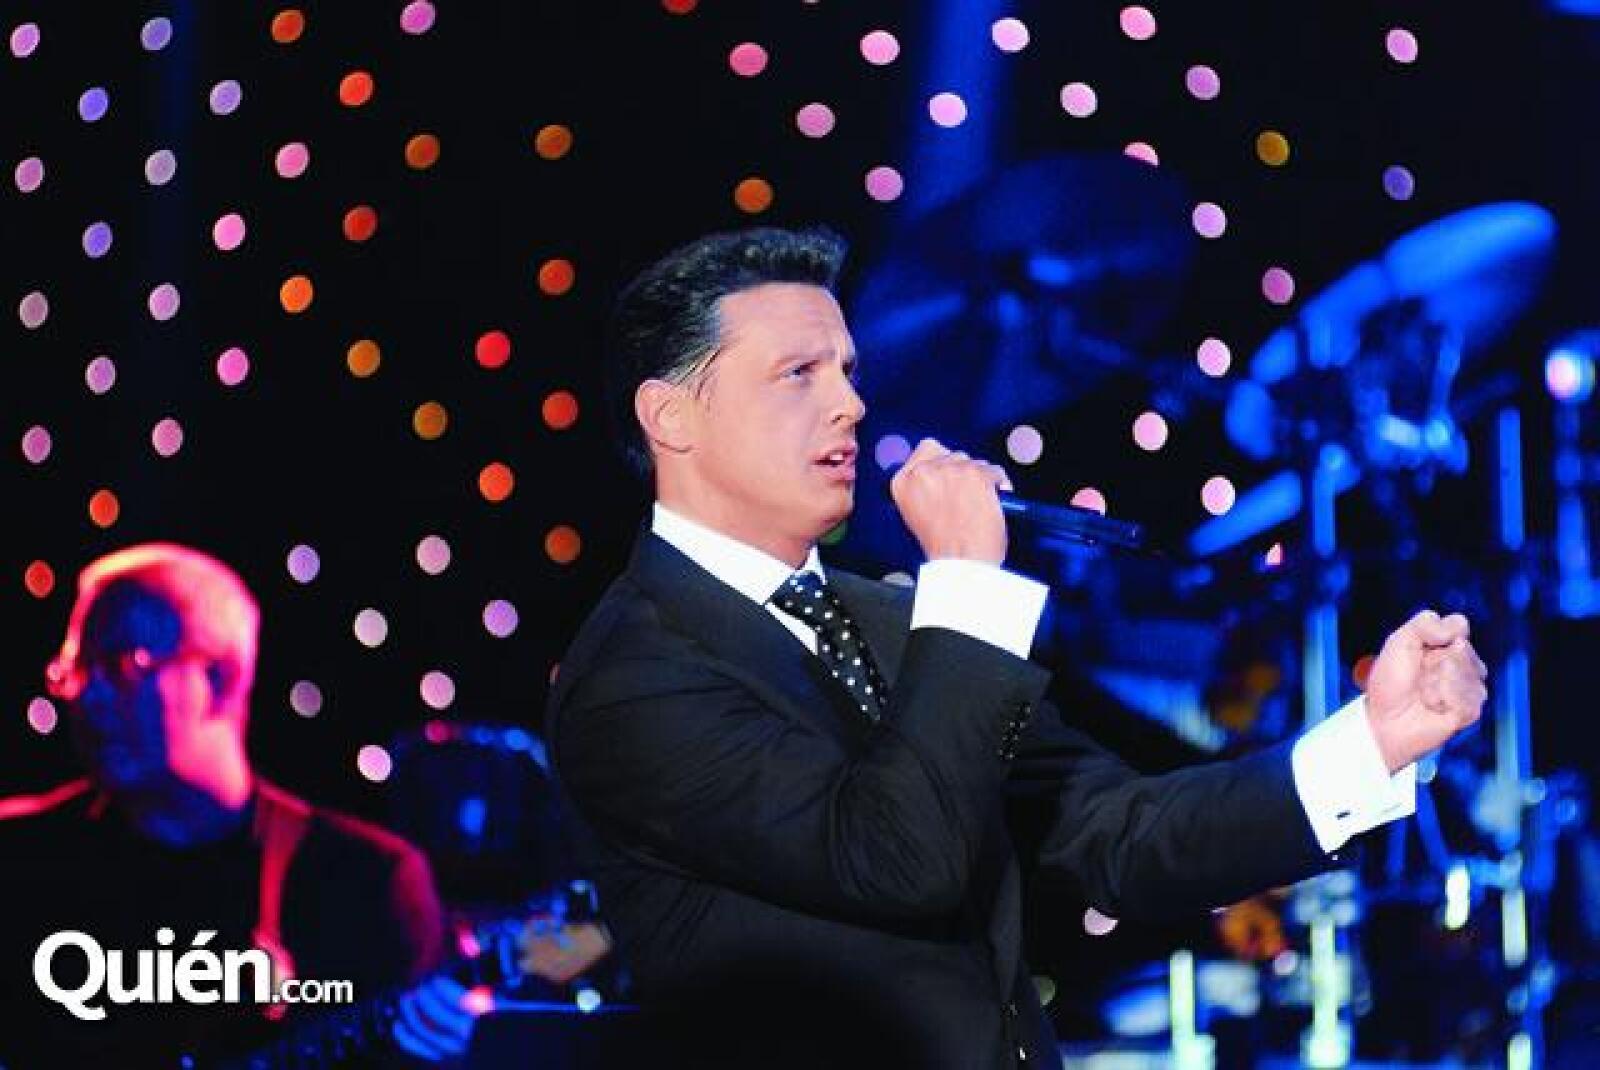 Los invitados fueron sorprendidos por el cantante Luis Miguel , quién fue contratado para cantarle a los novios.